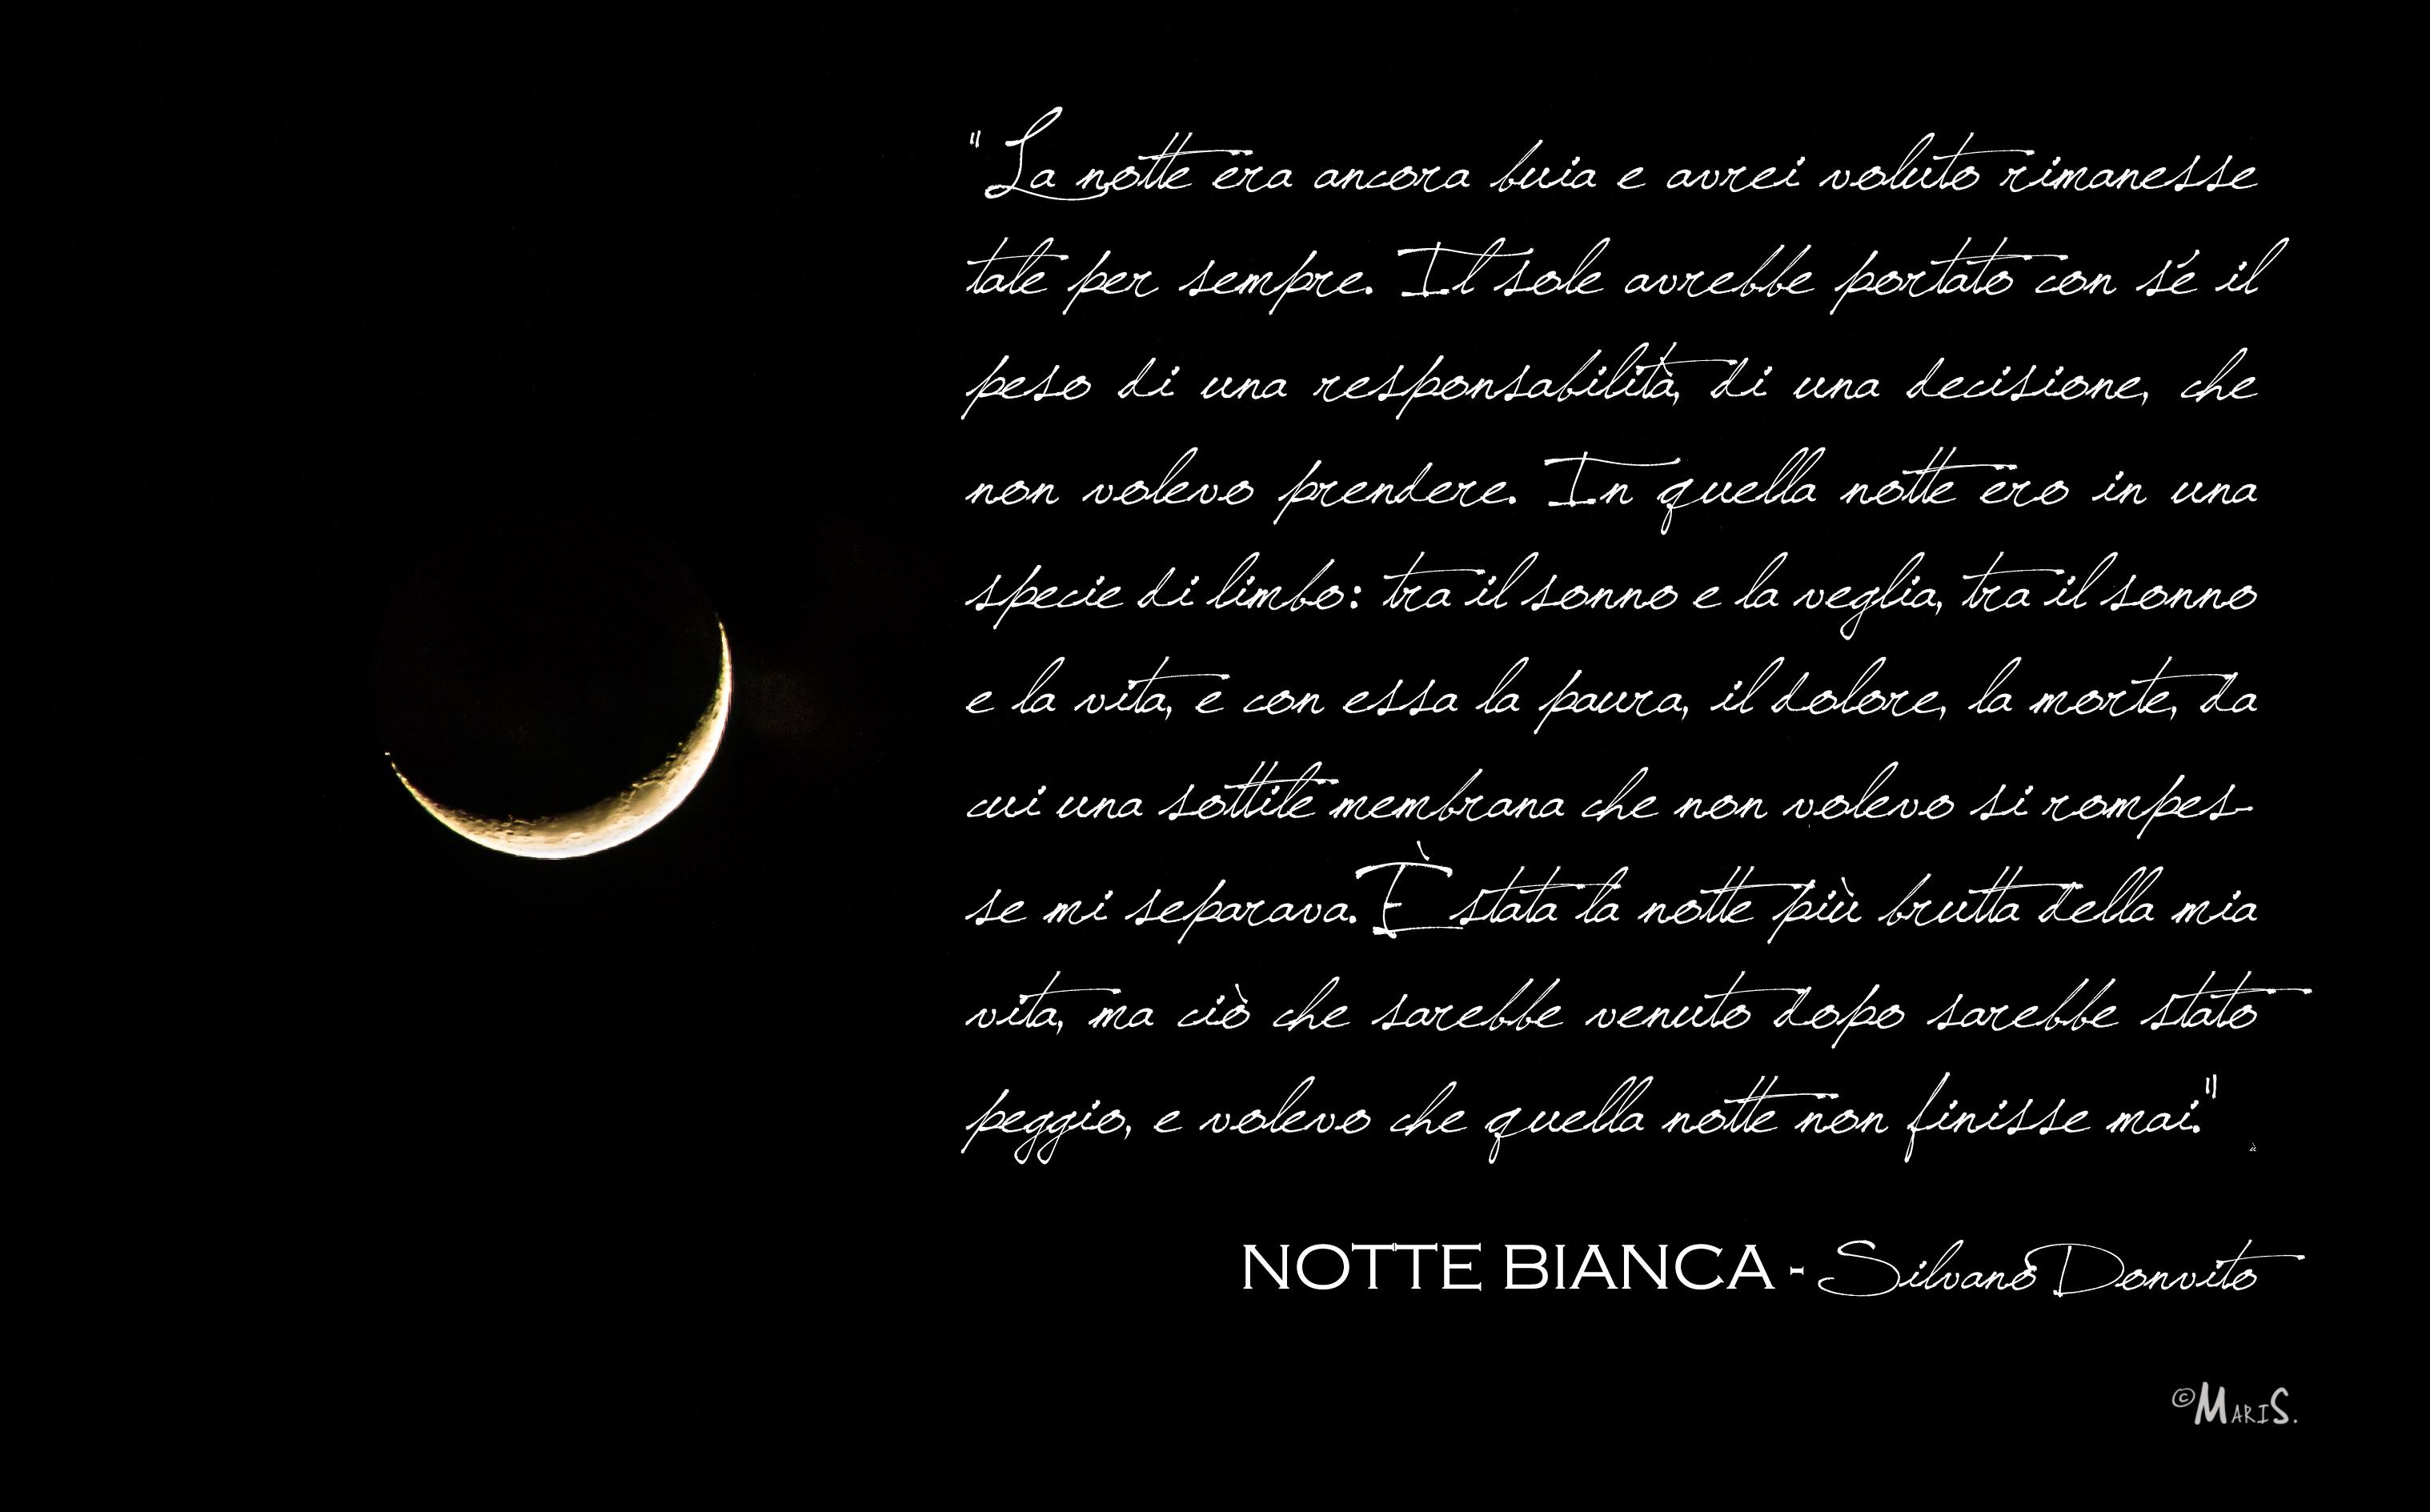 2. Notte Bianca-SILVANO DONVITO